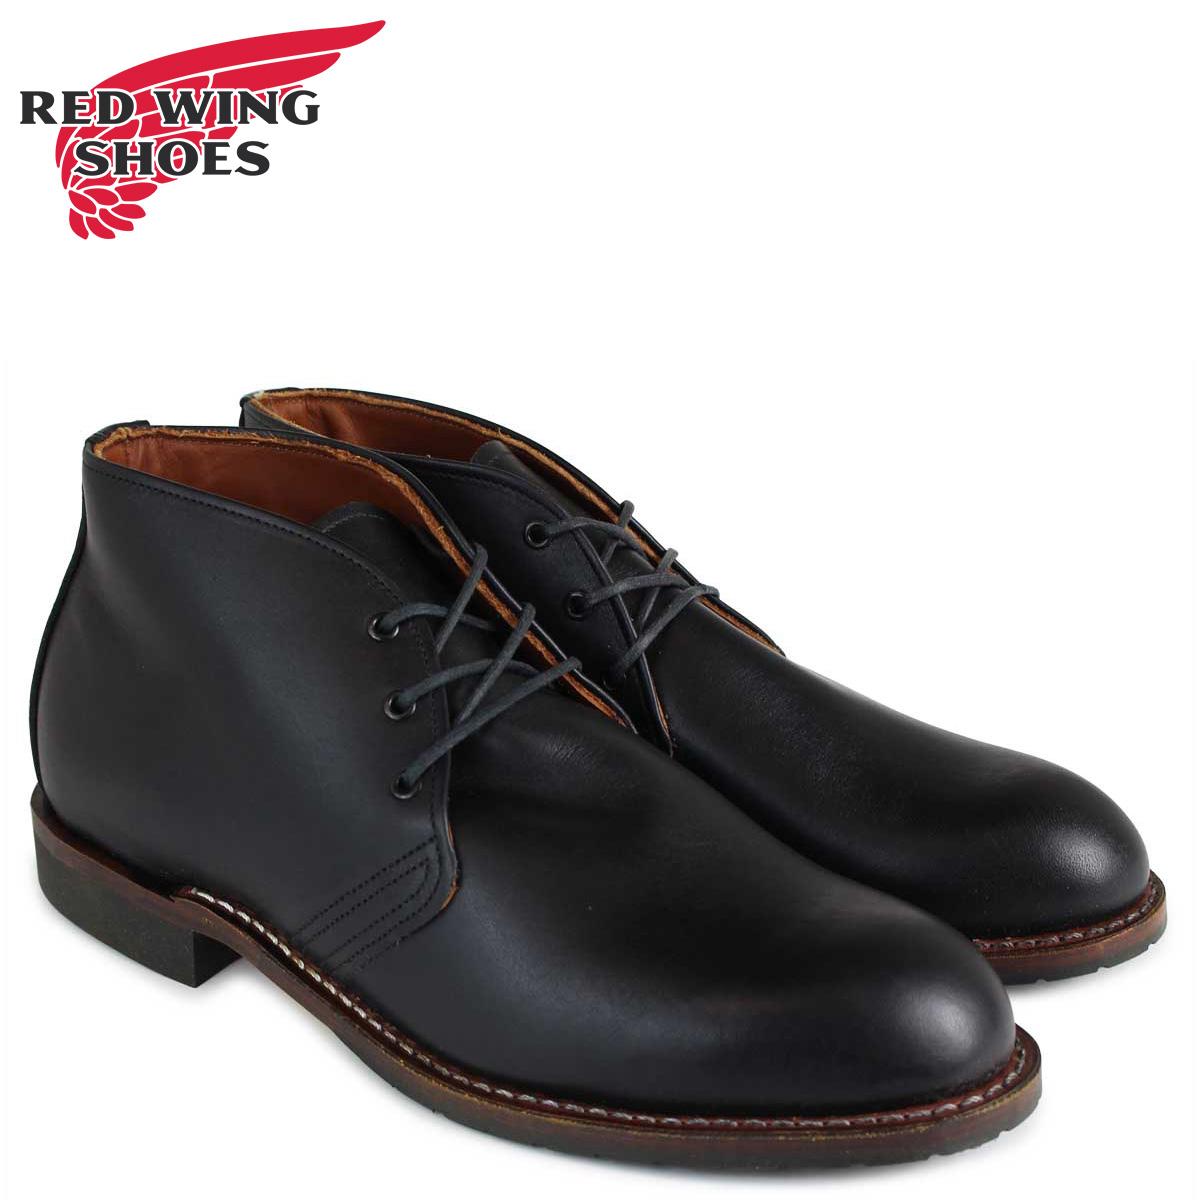 レッドウィング WING 9049 RED WING ベックマン ブーツ BECKMAN CHUKKA 9049 メンズ メンズ ブラック, AAA net Shop:3bc8efd7 --- ww.thecollagist.com